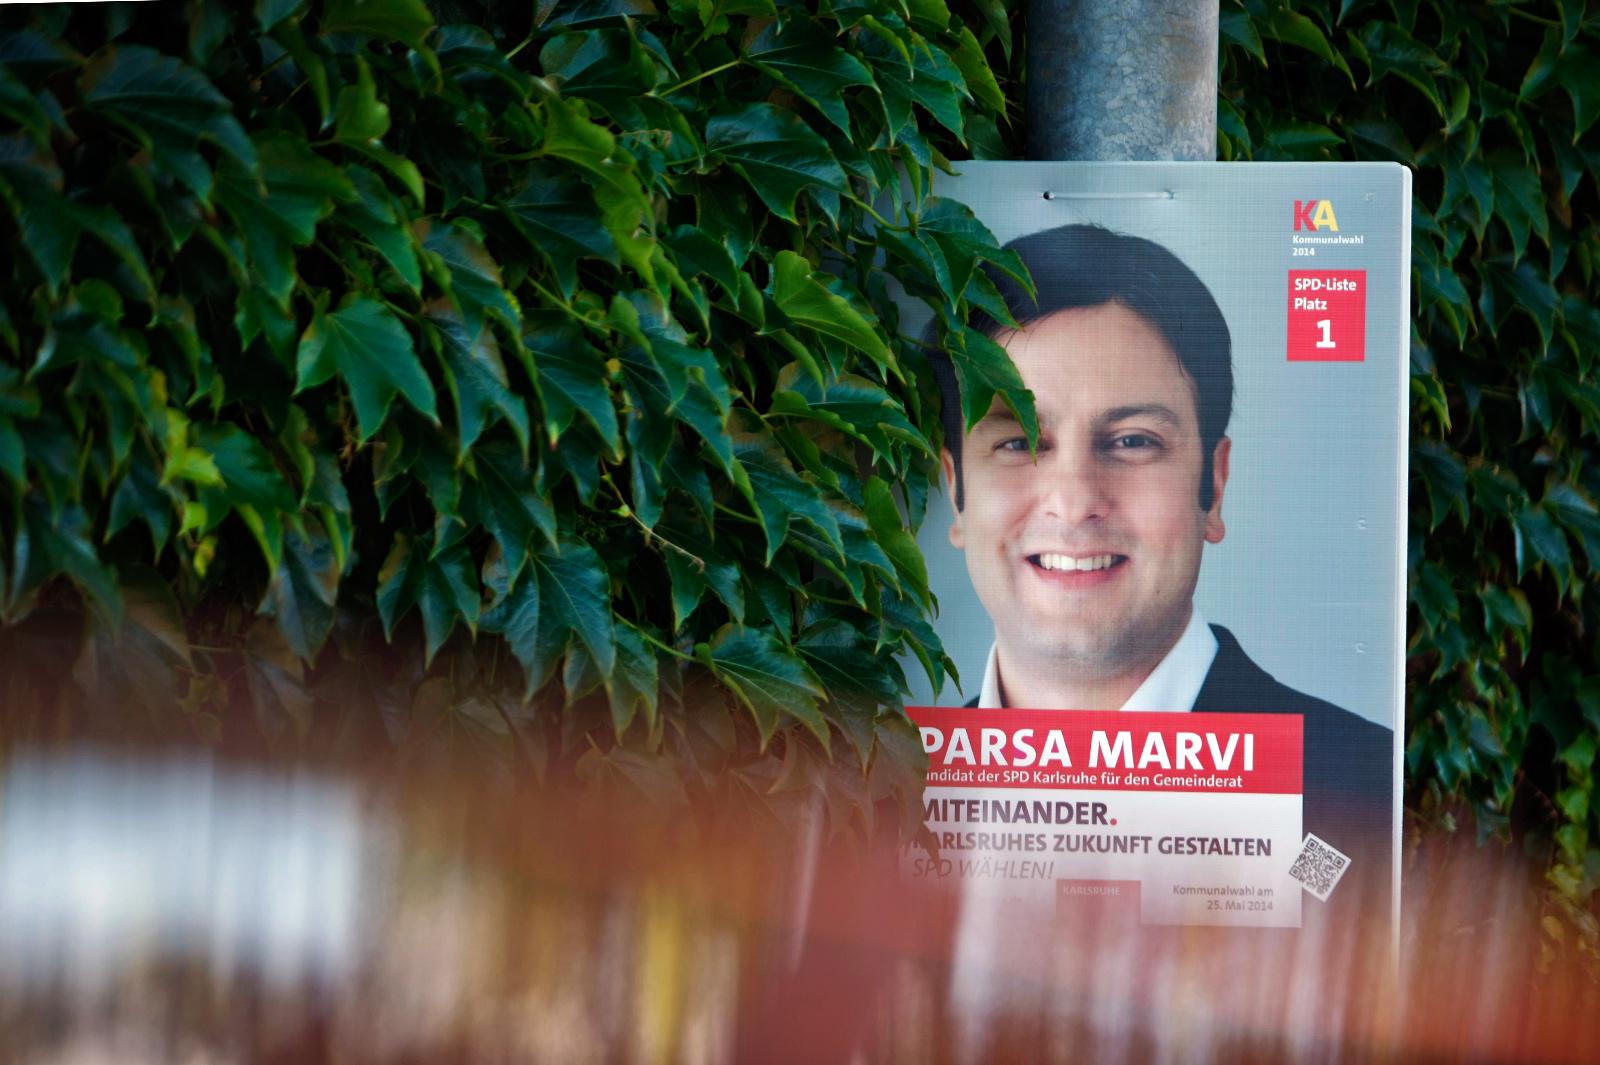 spd kommunalwahlkampangne 2014 by www.ch-ernst.de